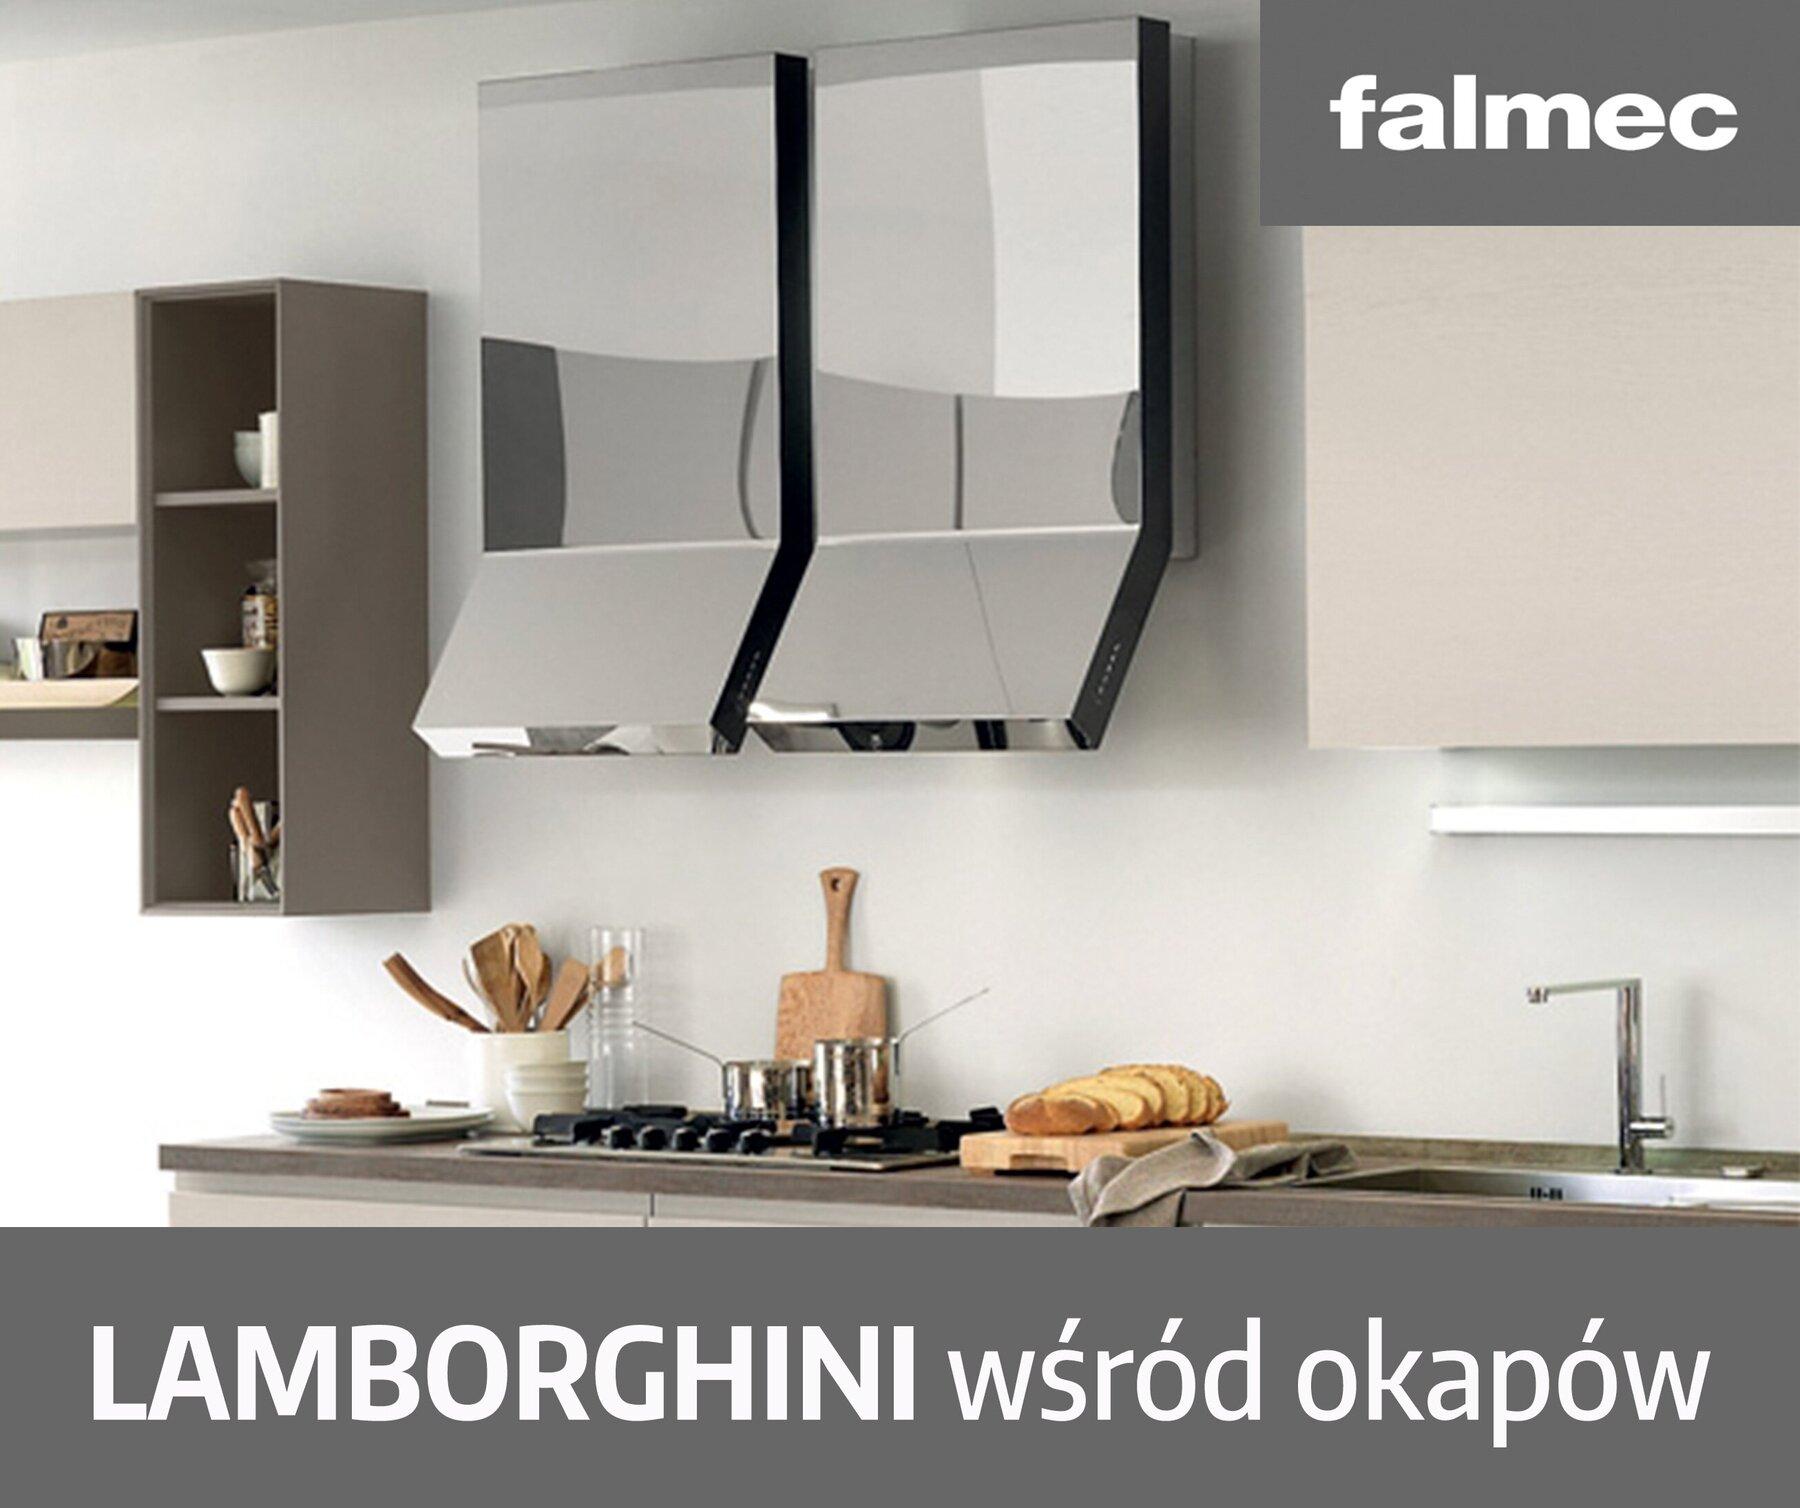 Falmec - Lamborghini wśród okapów